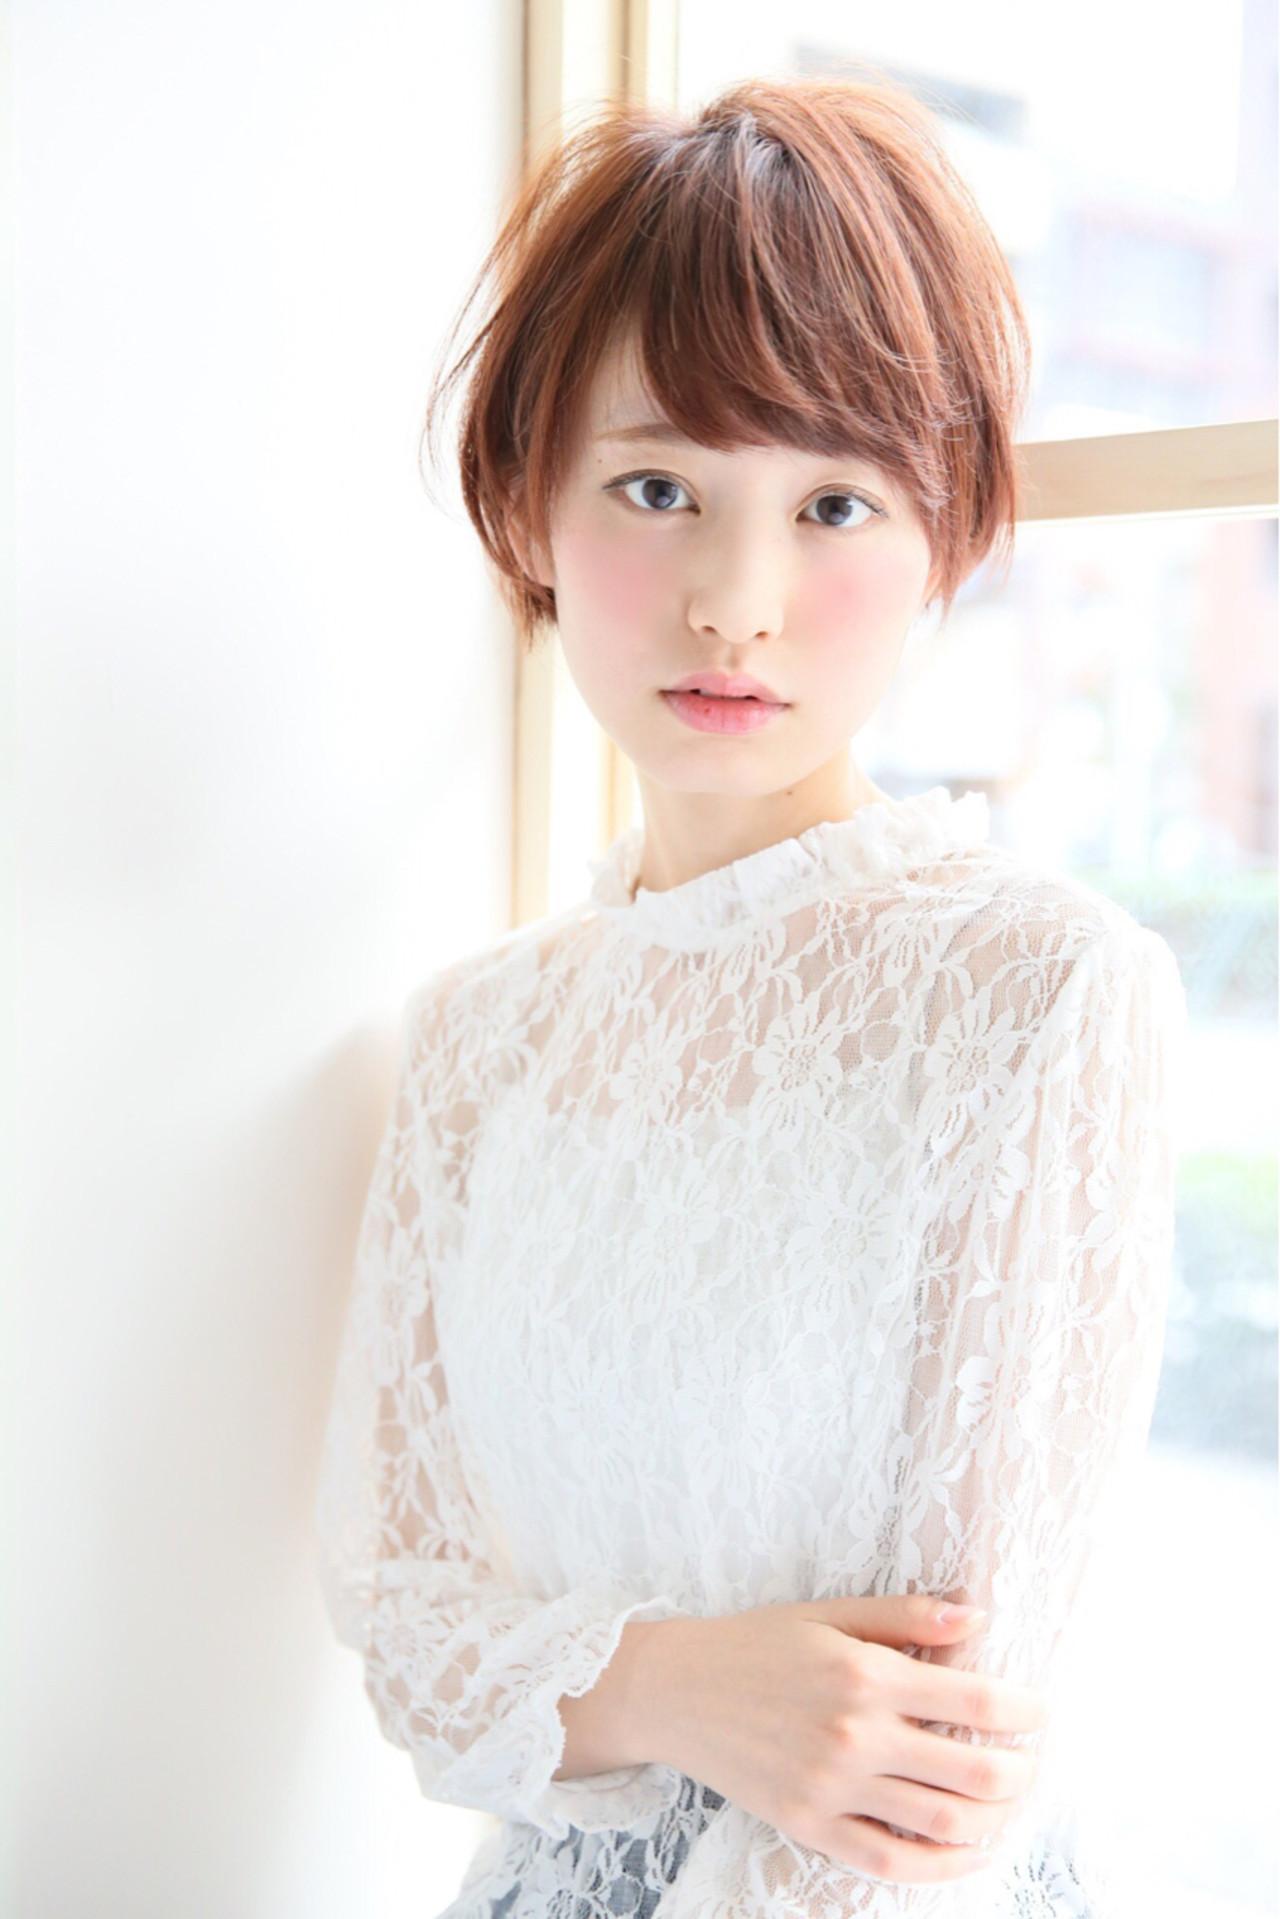 ショートの中でも人気な髪型「ショートボブ」で大人っぽさを目指してみよう 柾木 ひかる  Madu